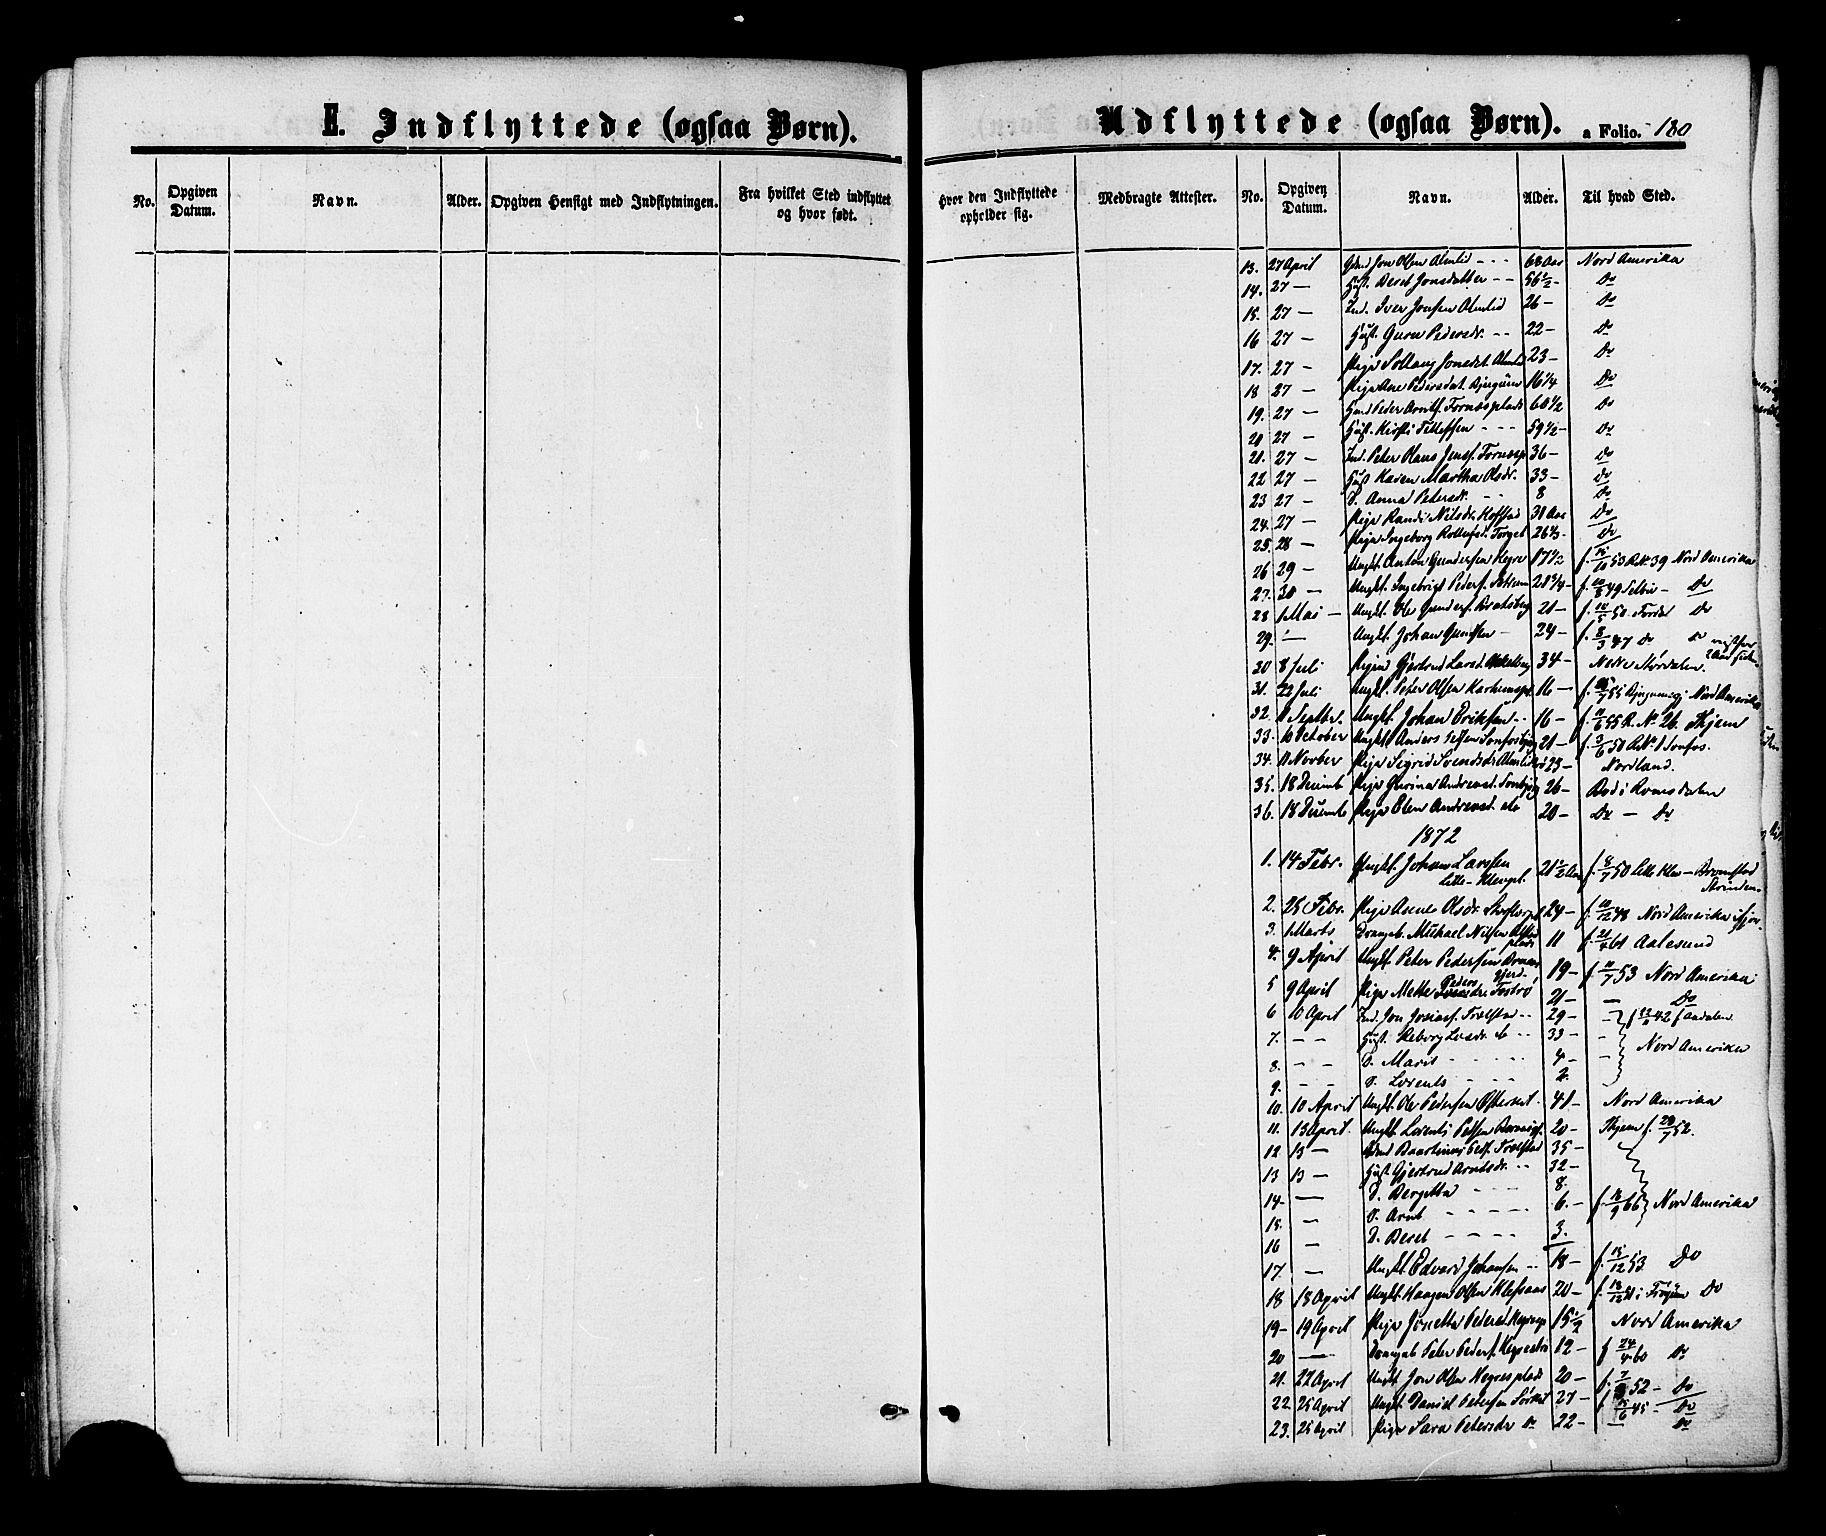 SAT, Ministerialprotokoller, klokkerbøker og fødselsregistre - Nord-Trøndelag, 703/L0029: Ministerialbok nr. 703A02, 1863-1879, s. 180